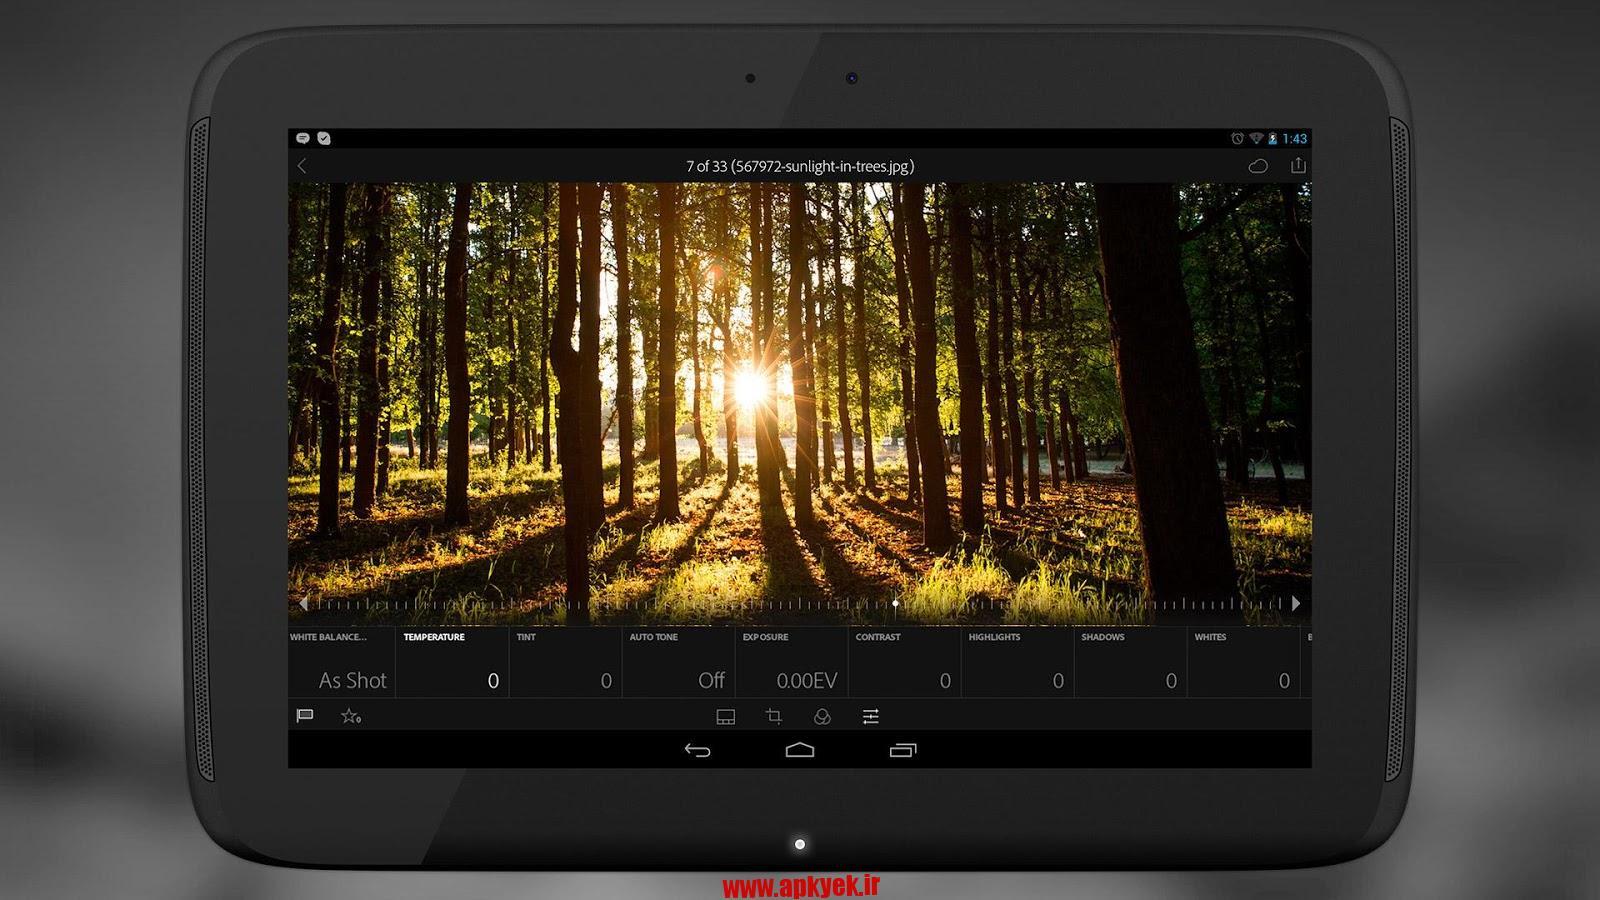 دانلود نرمافزار ویرایش عکس Adobe Lightroom v1.2 اندروید